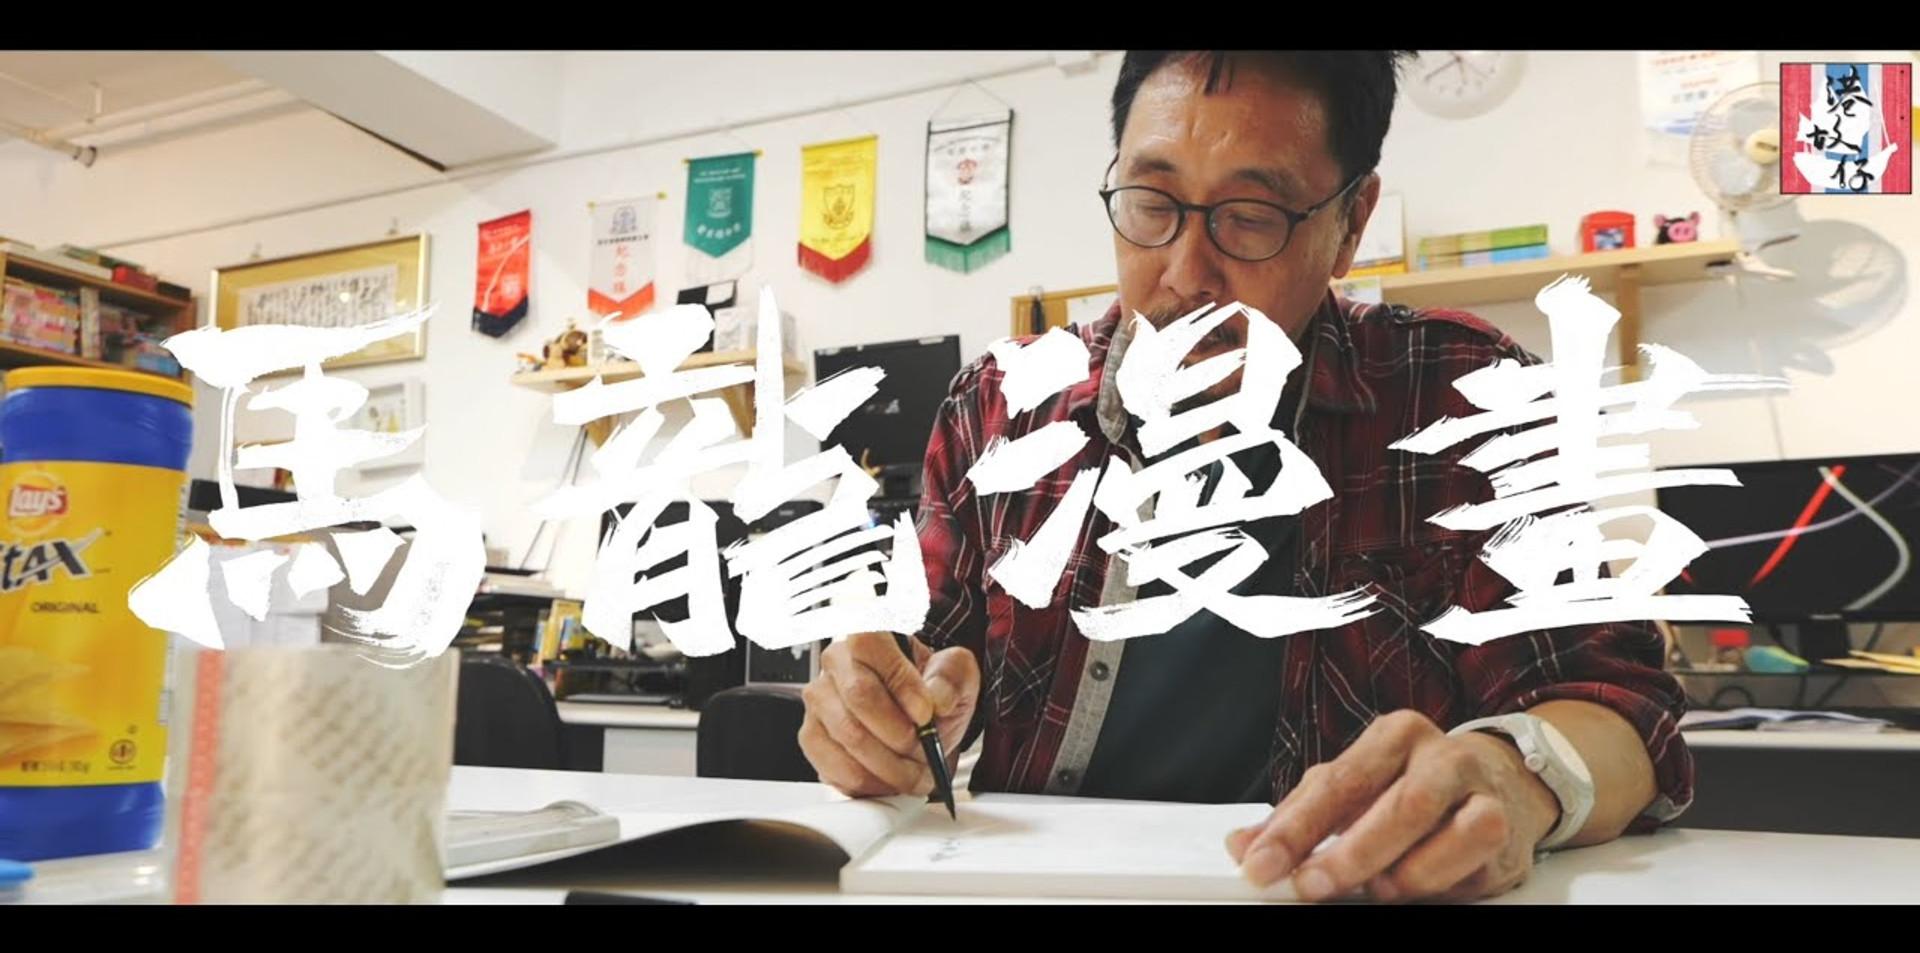 2.68 #馬龍 #馬龍漫畫